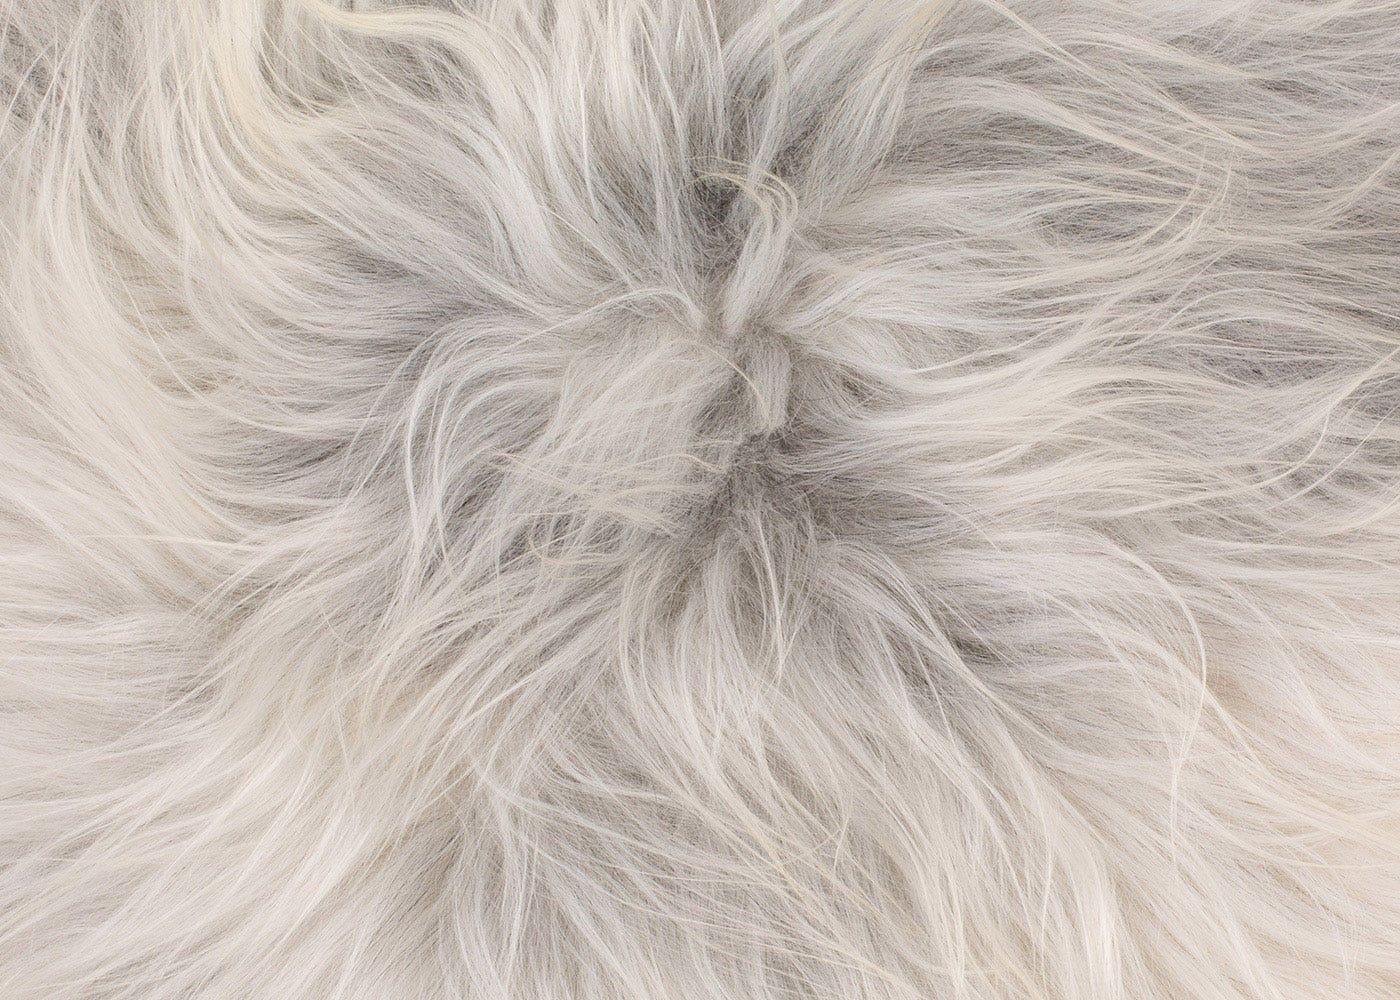 Organic Sheep Icelandic Sheepskin Rug